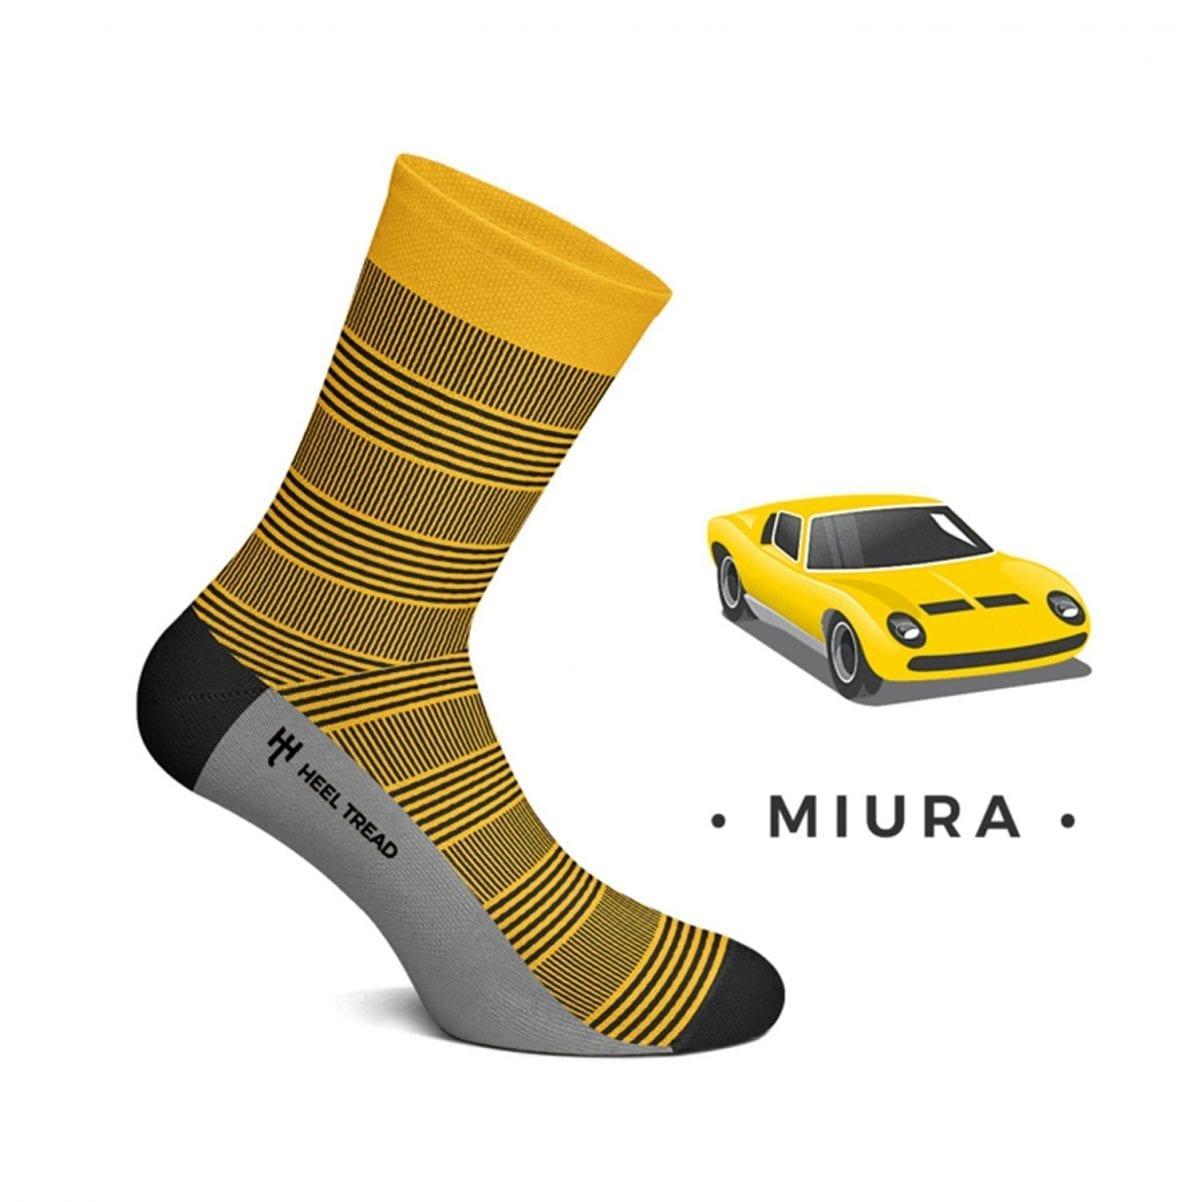 Miura 01